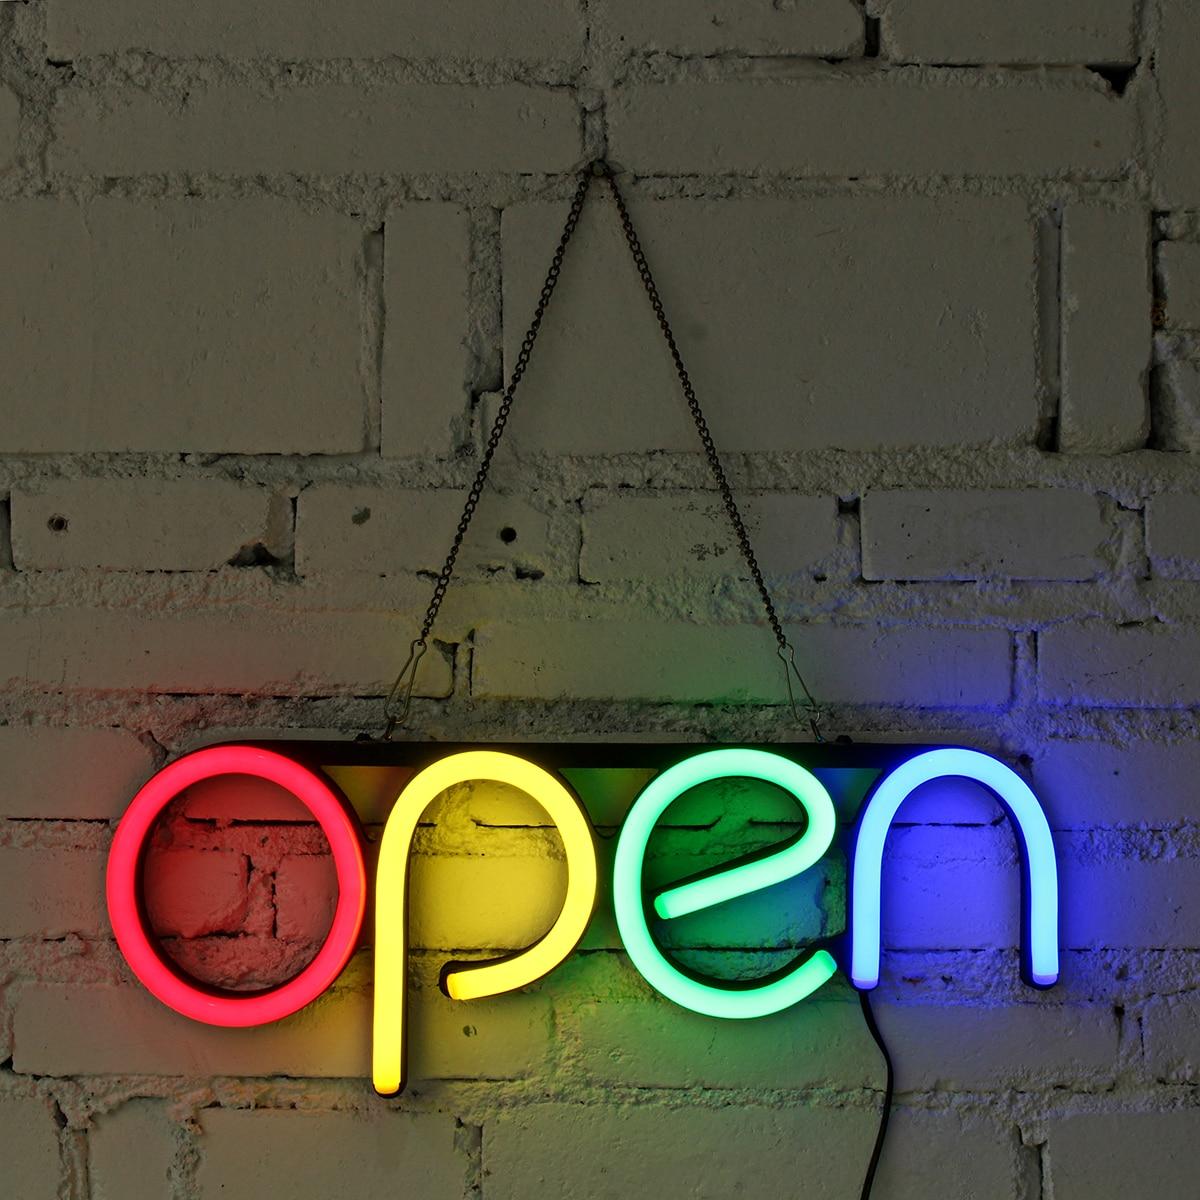 مصباح نيون LED بعلامة نيون مفتوحة مقاس 16 بوصة ، مصباح يدوي ، عمل فني مرئي ، بار ، نادي KTV ، زخرفة جدارية ، إضاءة تجارية ، لمبات نيون ملونة